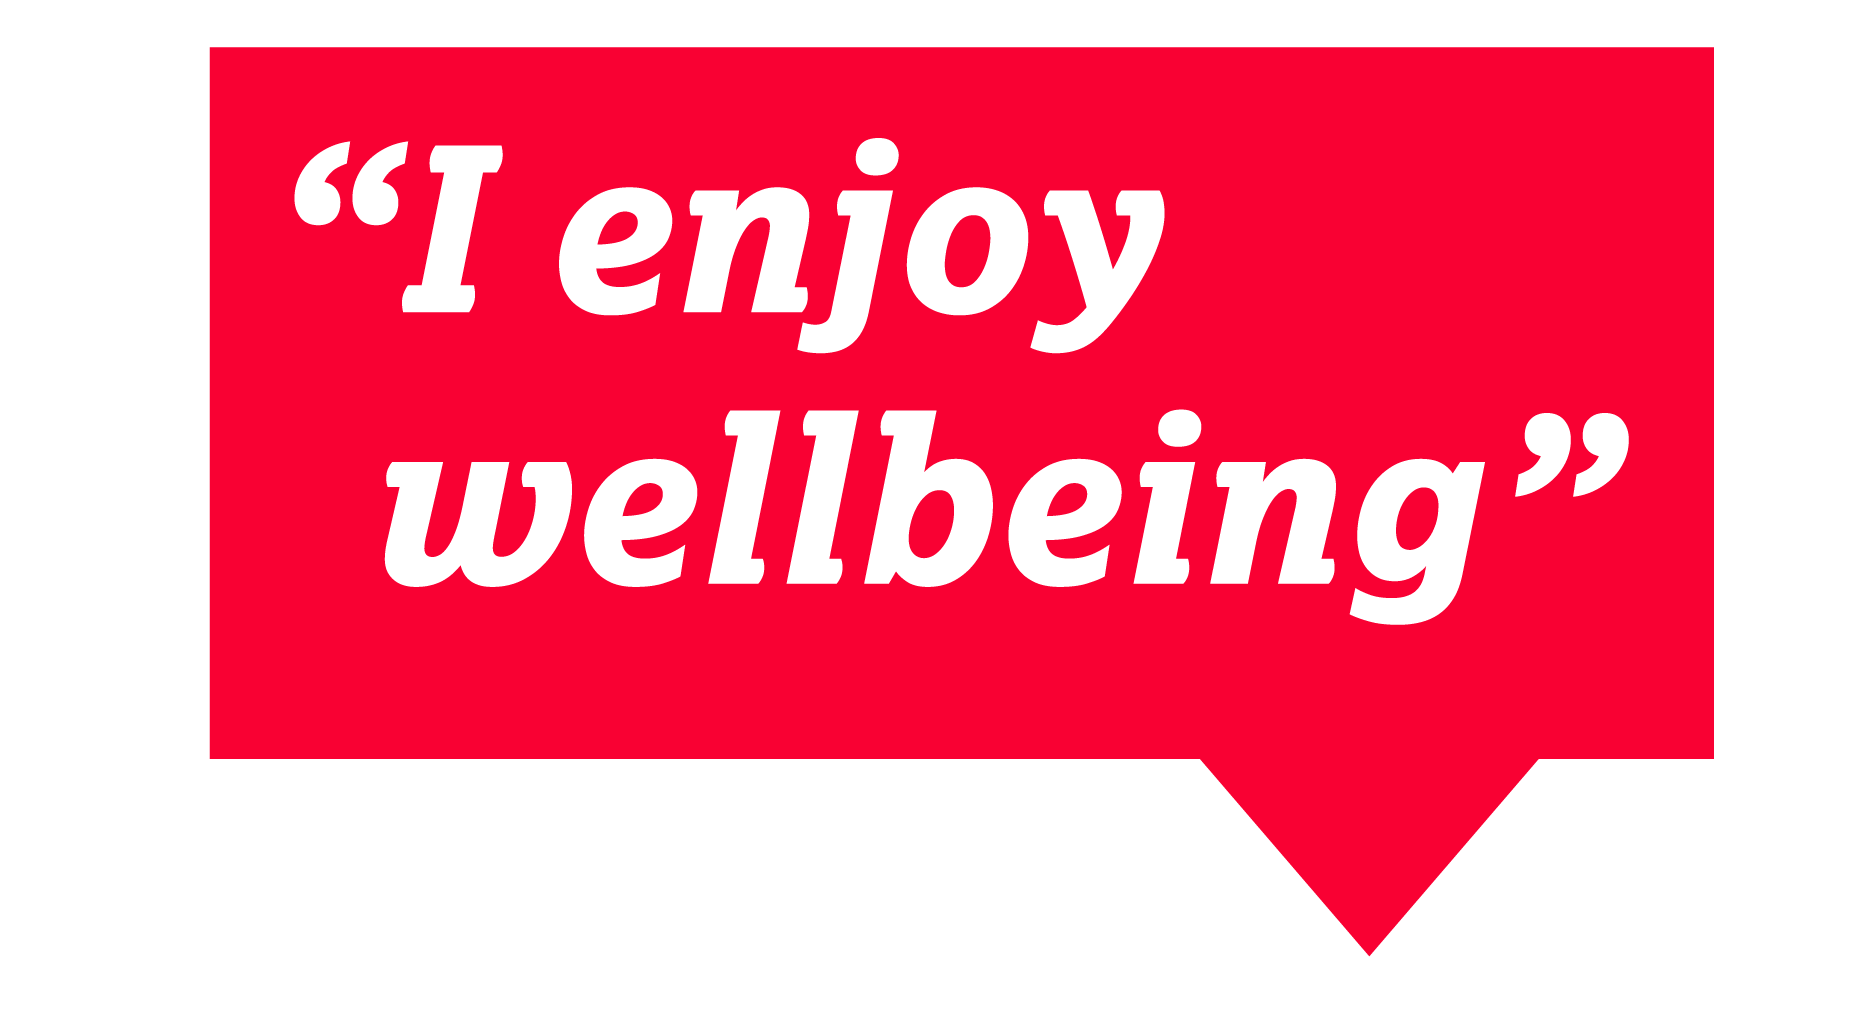 I-enjoy-wellbeing